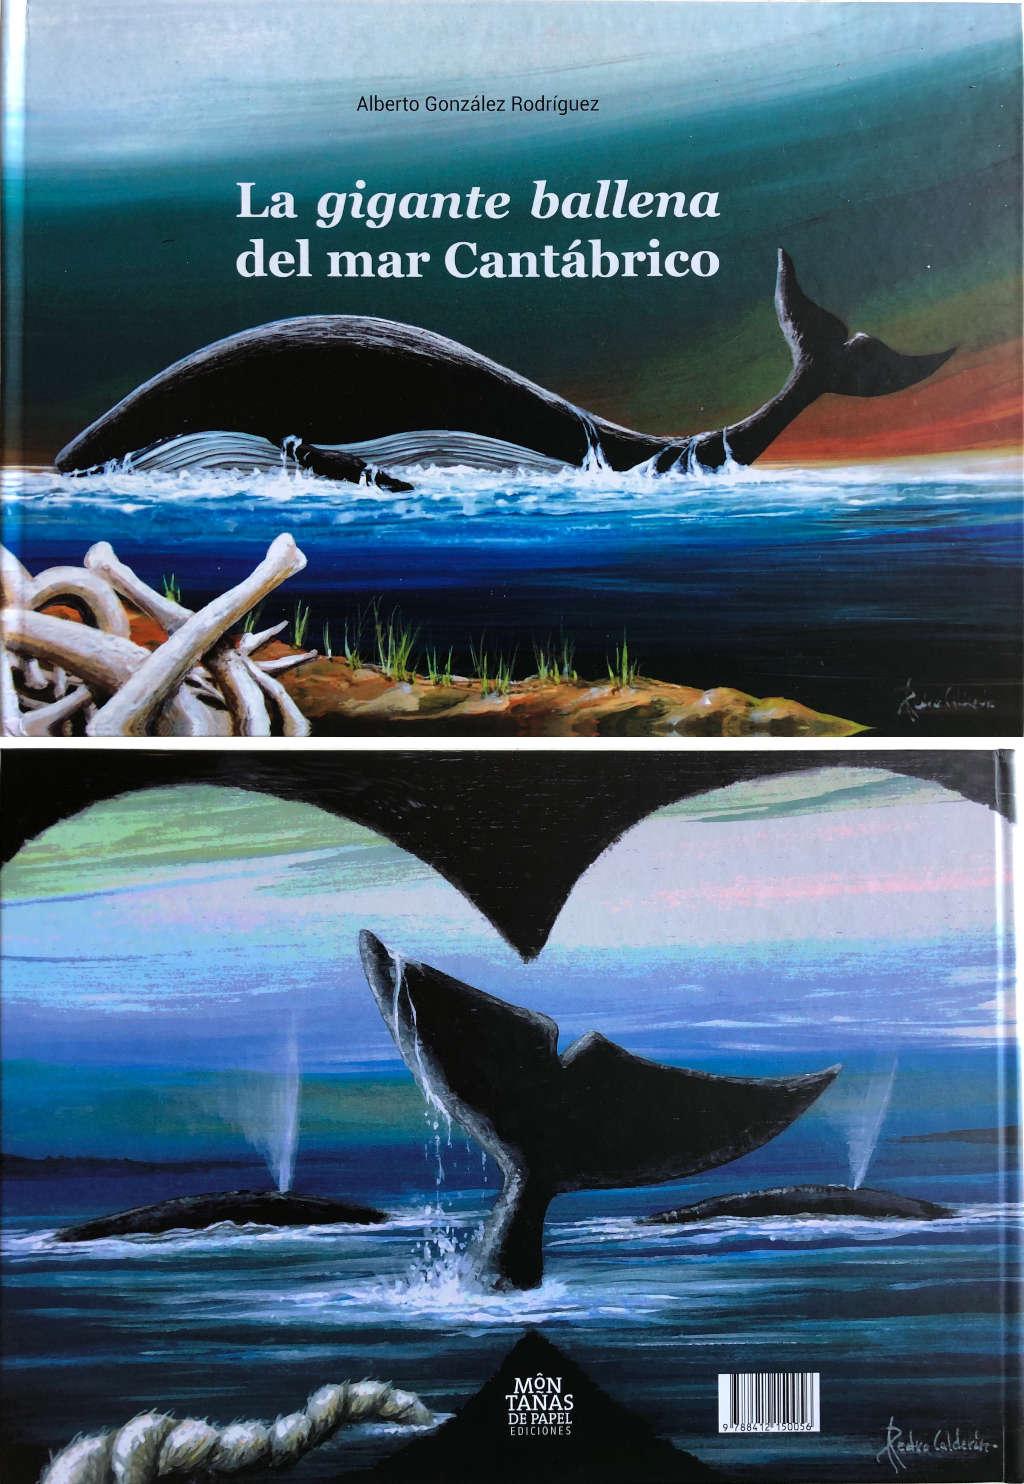 La gigante ballena del mar Cantábrico